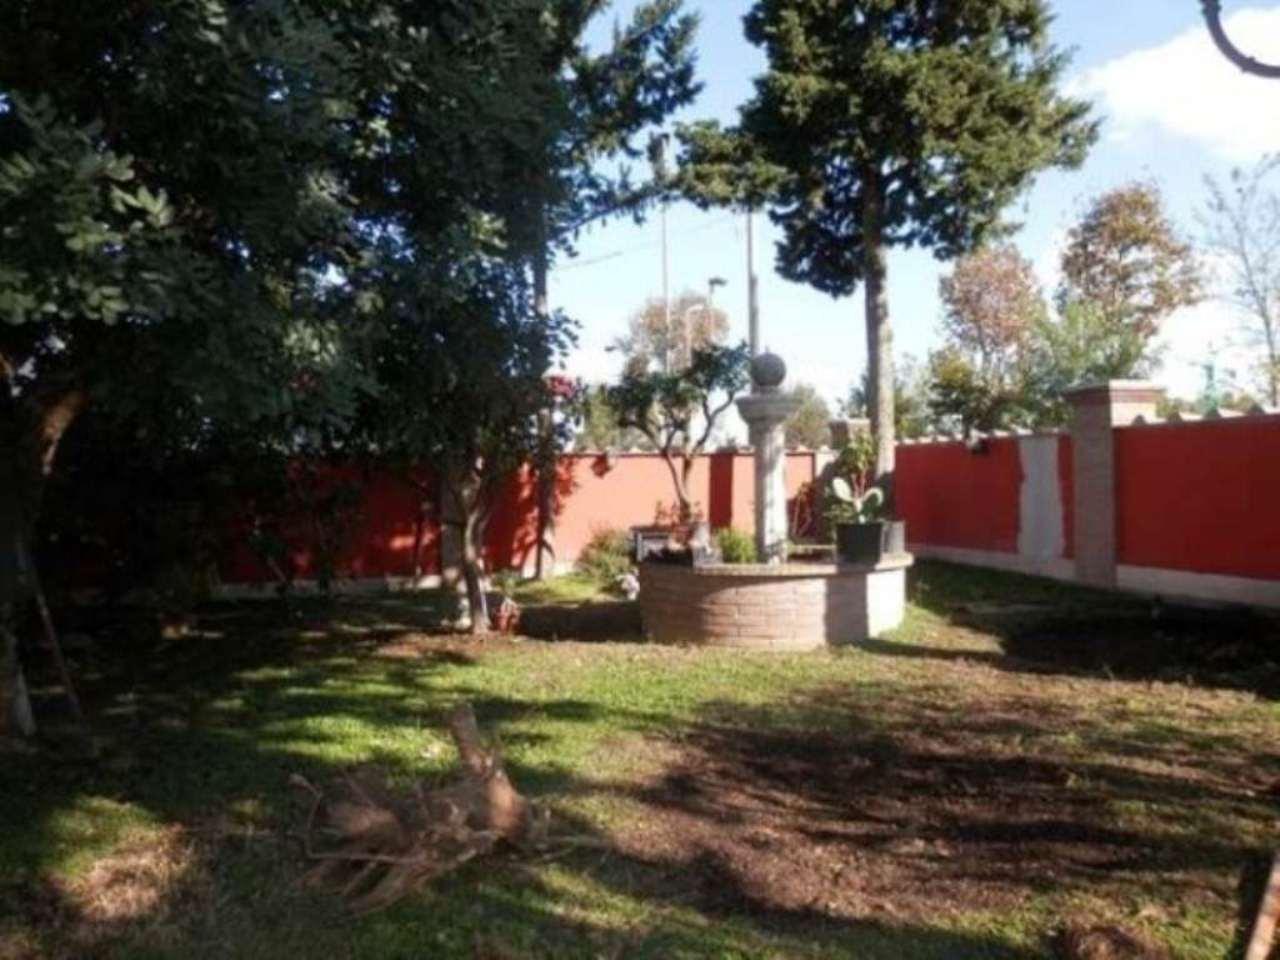 Appartamento casa roma 400 euro in vendita waa2 for Casa di 700 metri quadrati in vendita